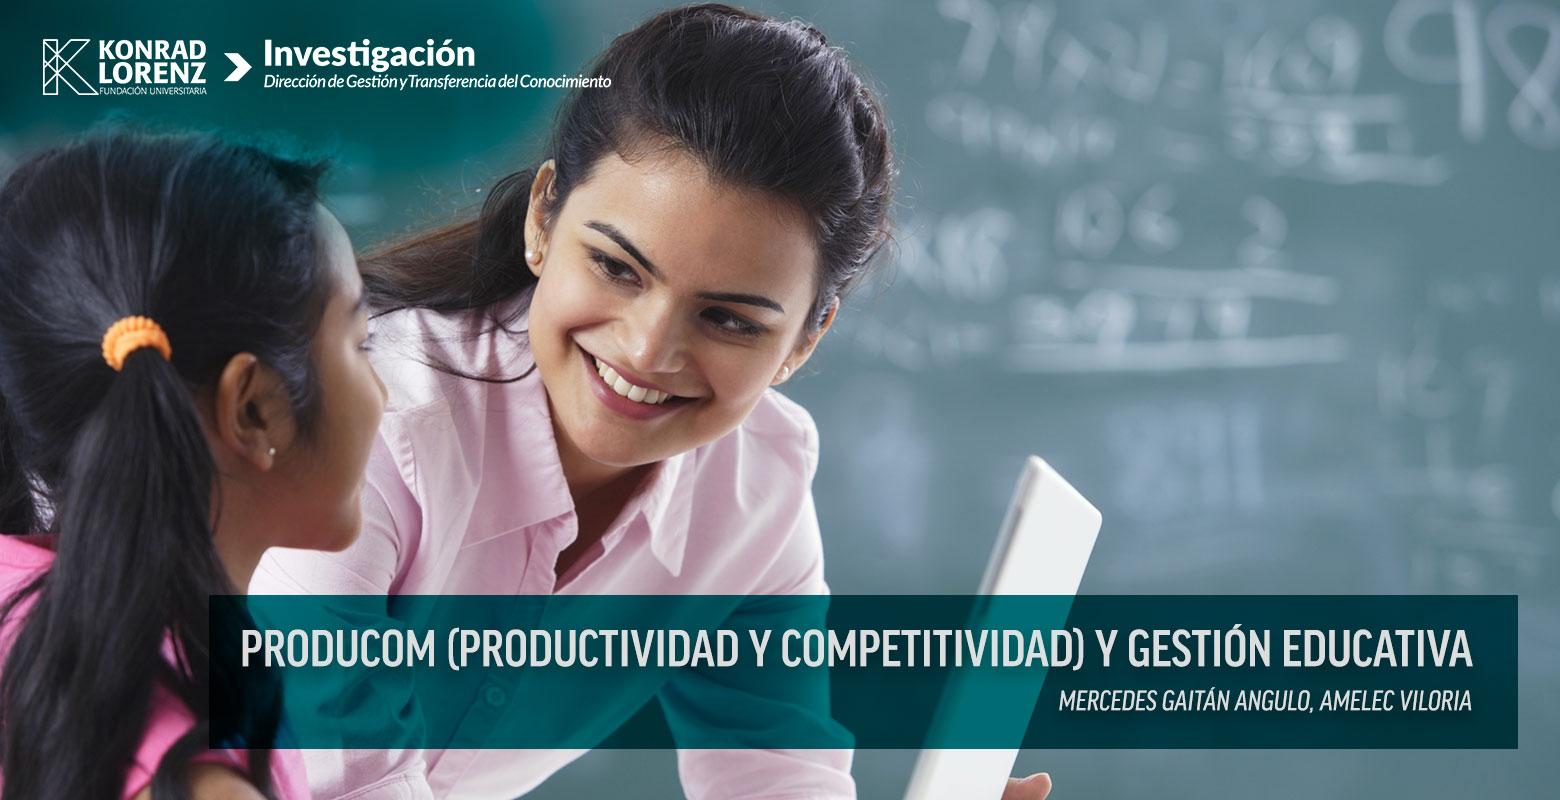 Producom (productividad y competitividad) y gestión educativa